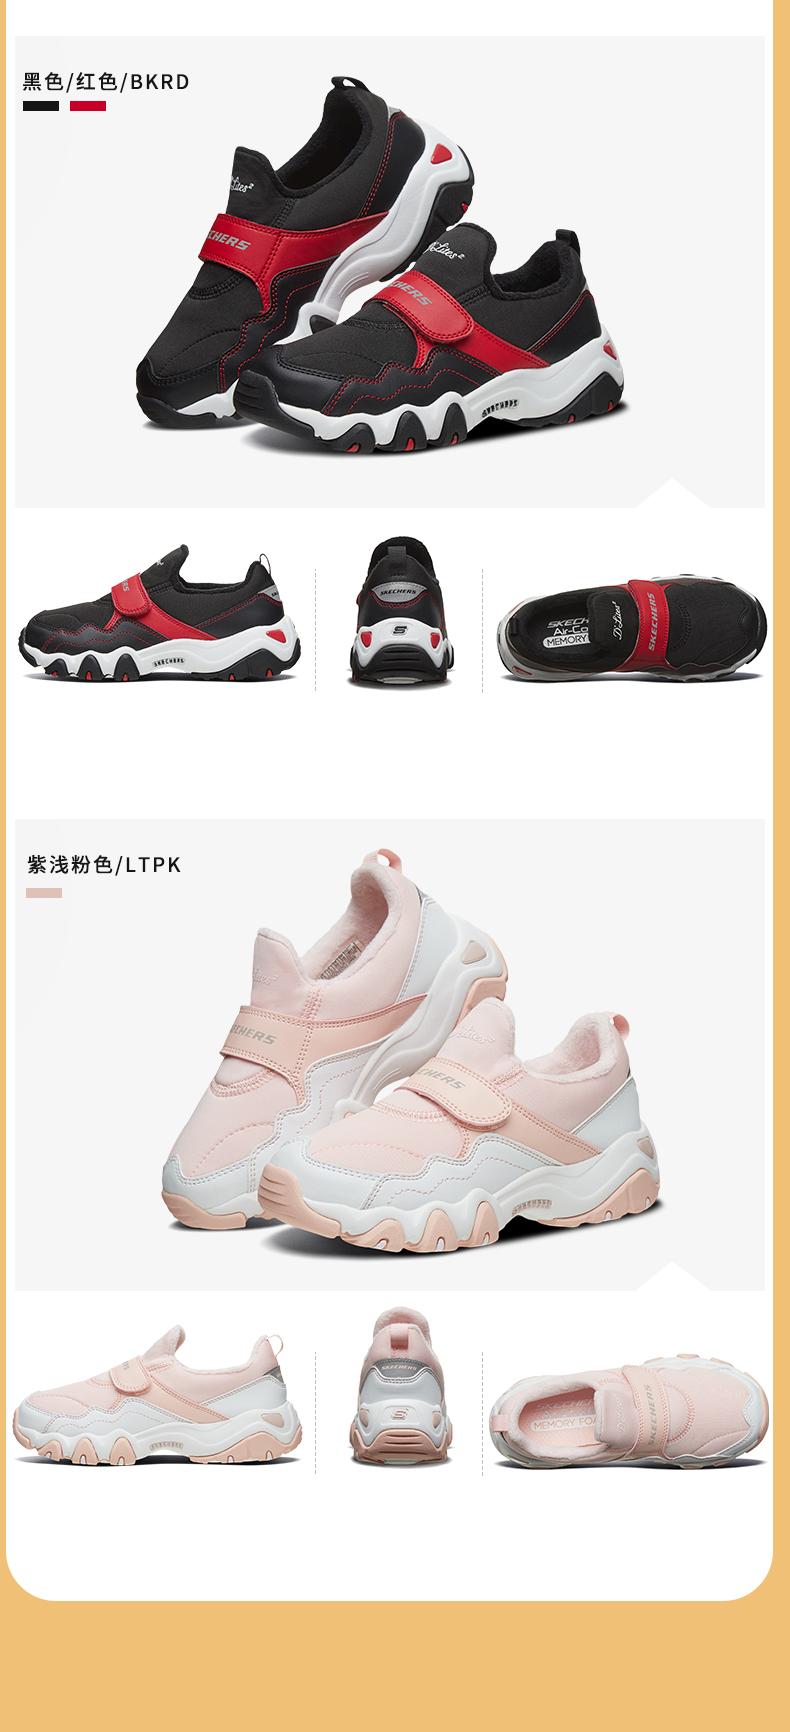 黑色/红色/BKRD紫浅粉色/LTPK-推好价 | 品质生活 精选好价